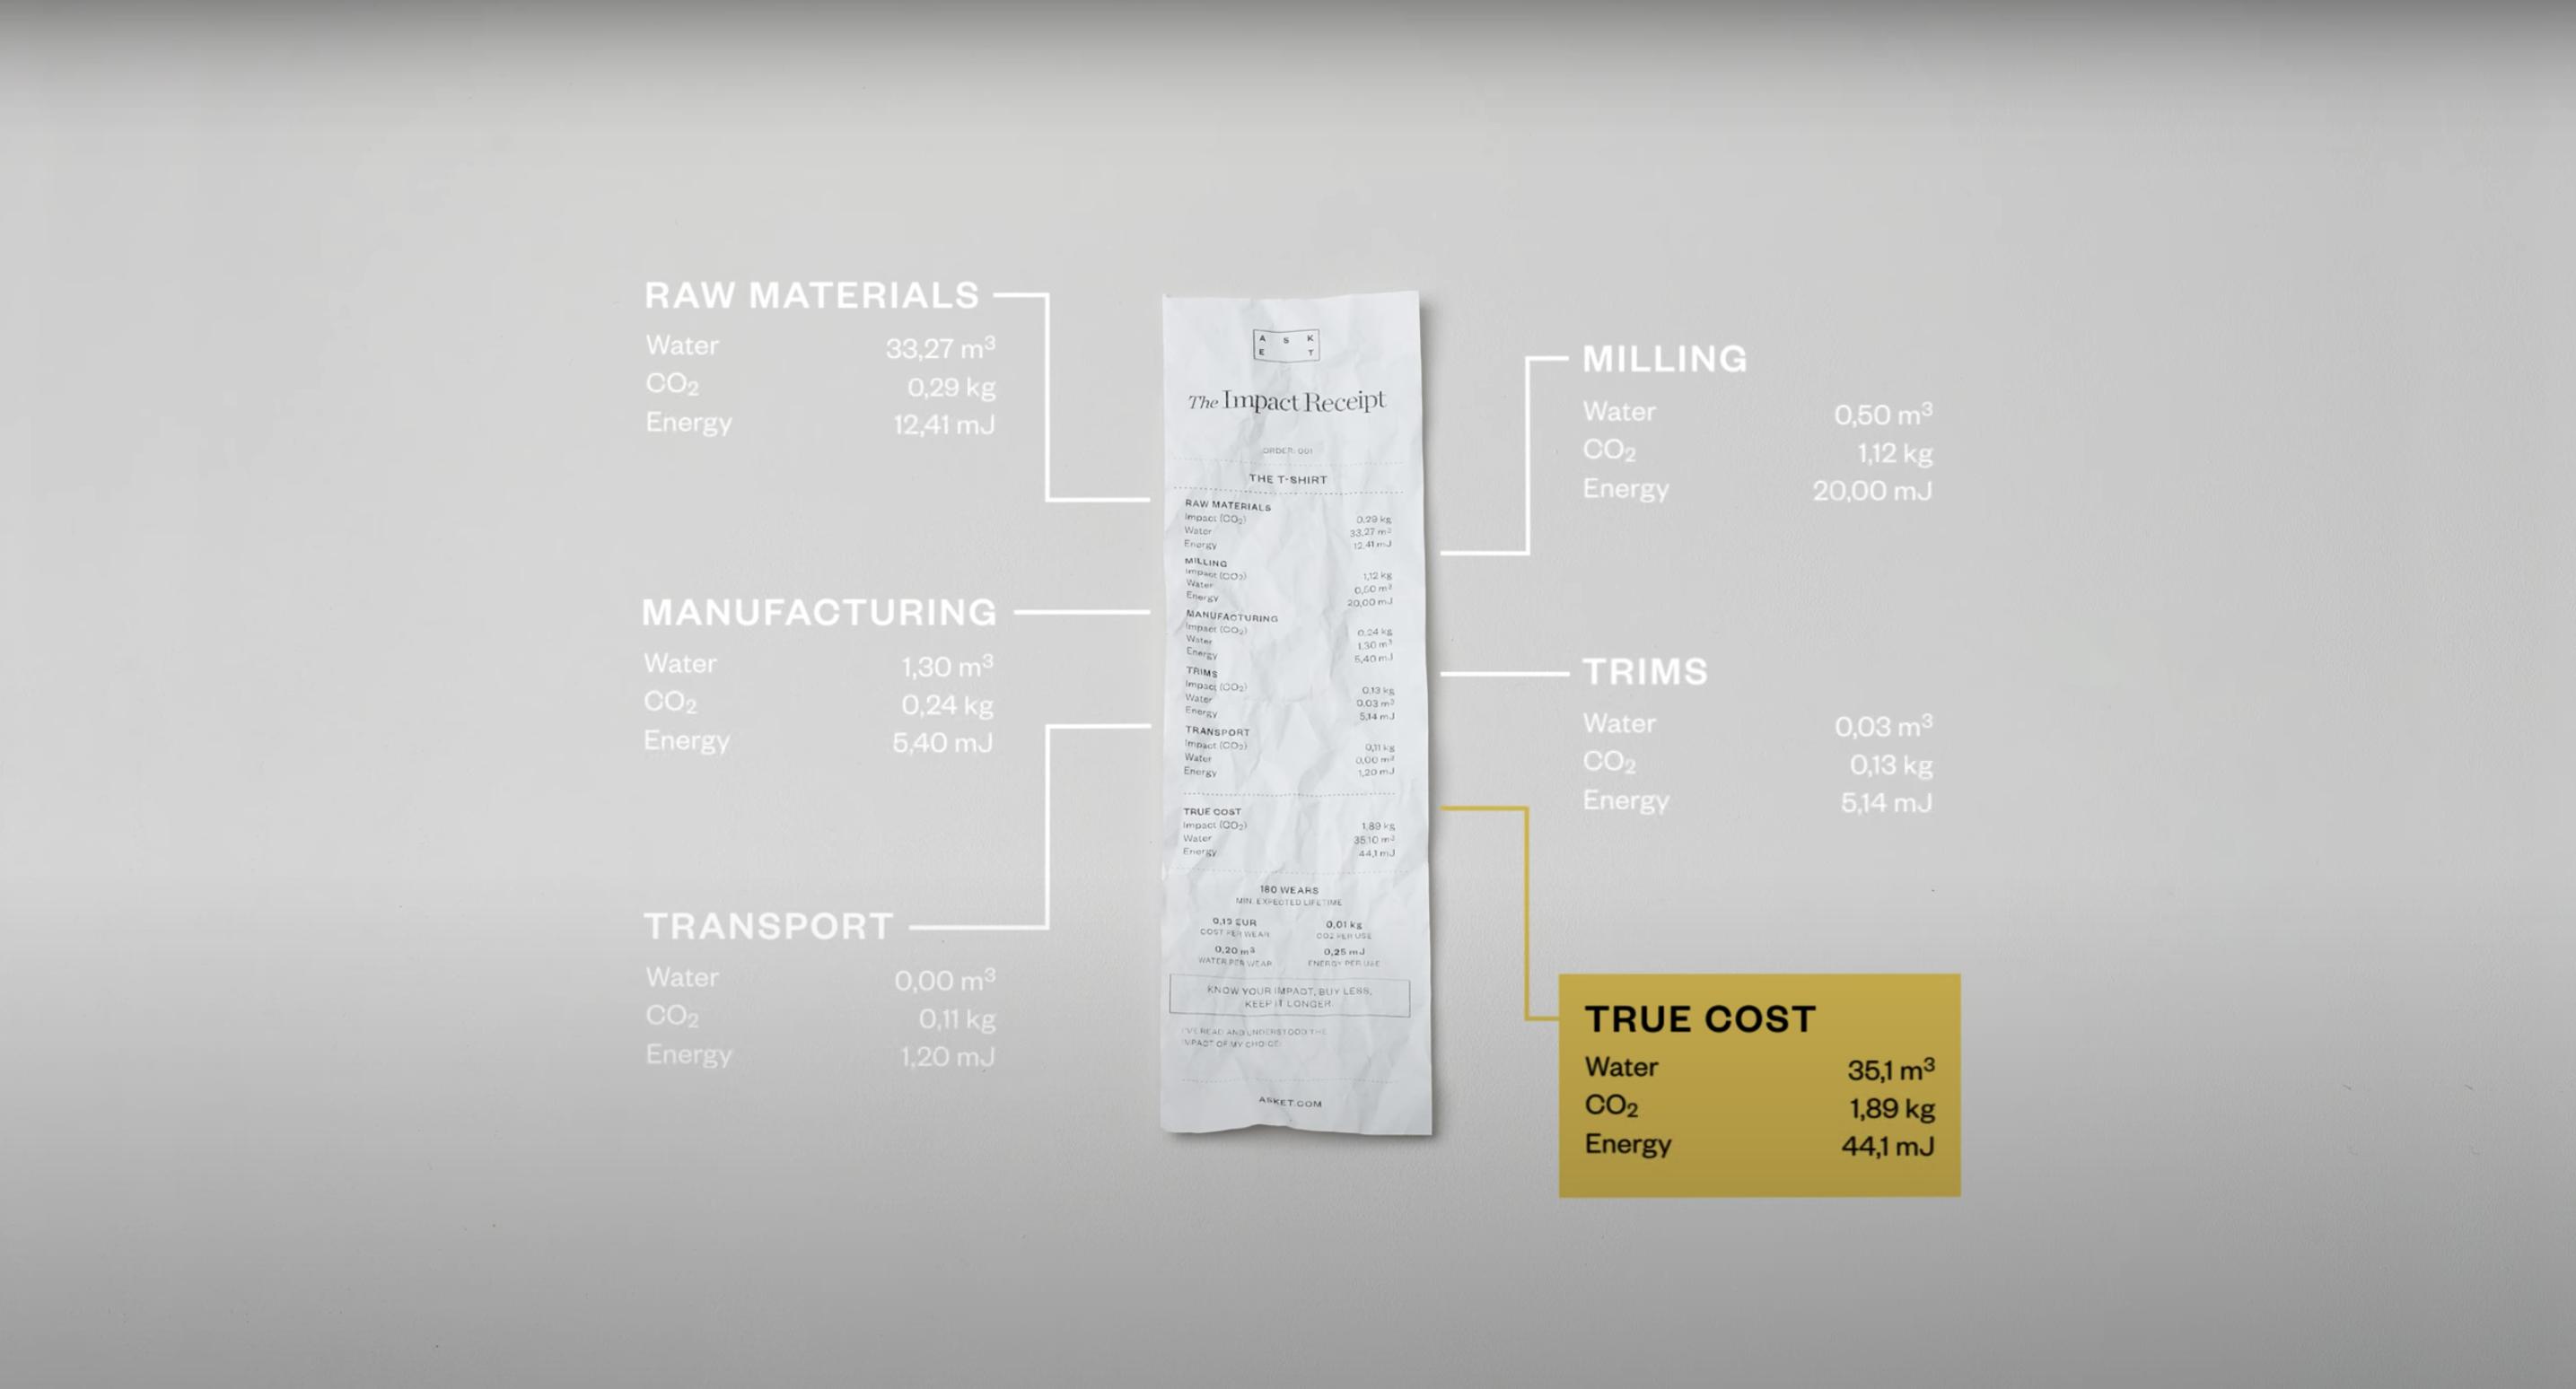 The Impact Receipt ใบเสร็จระบุราคาต้นทุนผลกระทบต่อโลกและสิ่งแวดล้อมโดยแบรนด์เสื้อผ้าสวีเดน